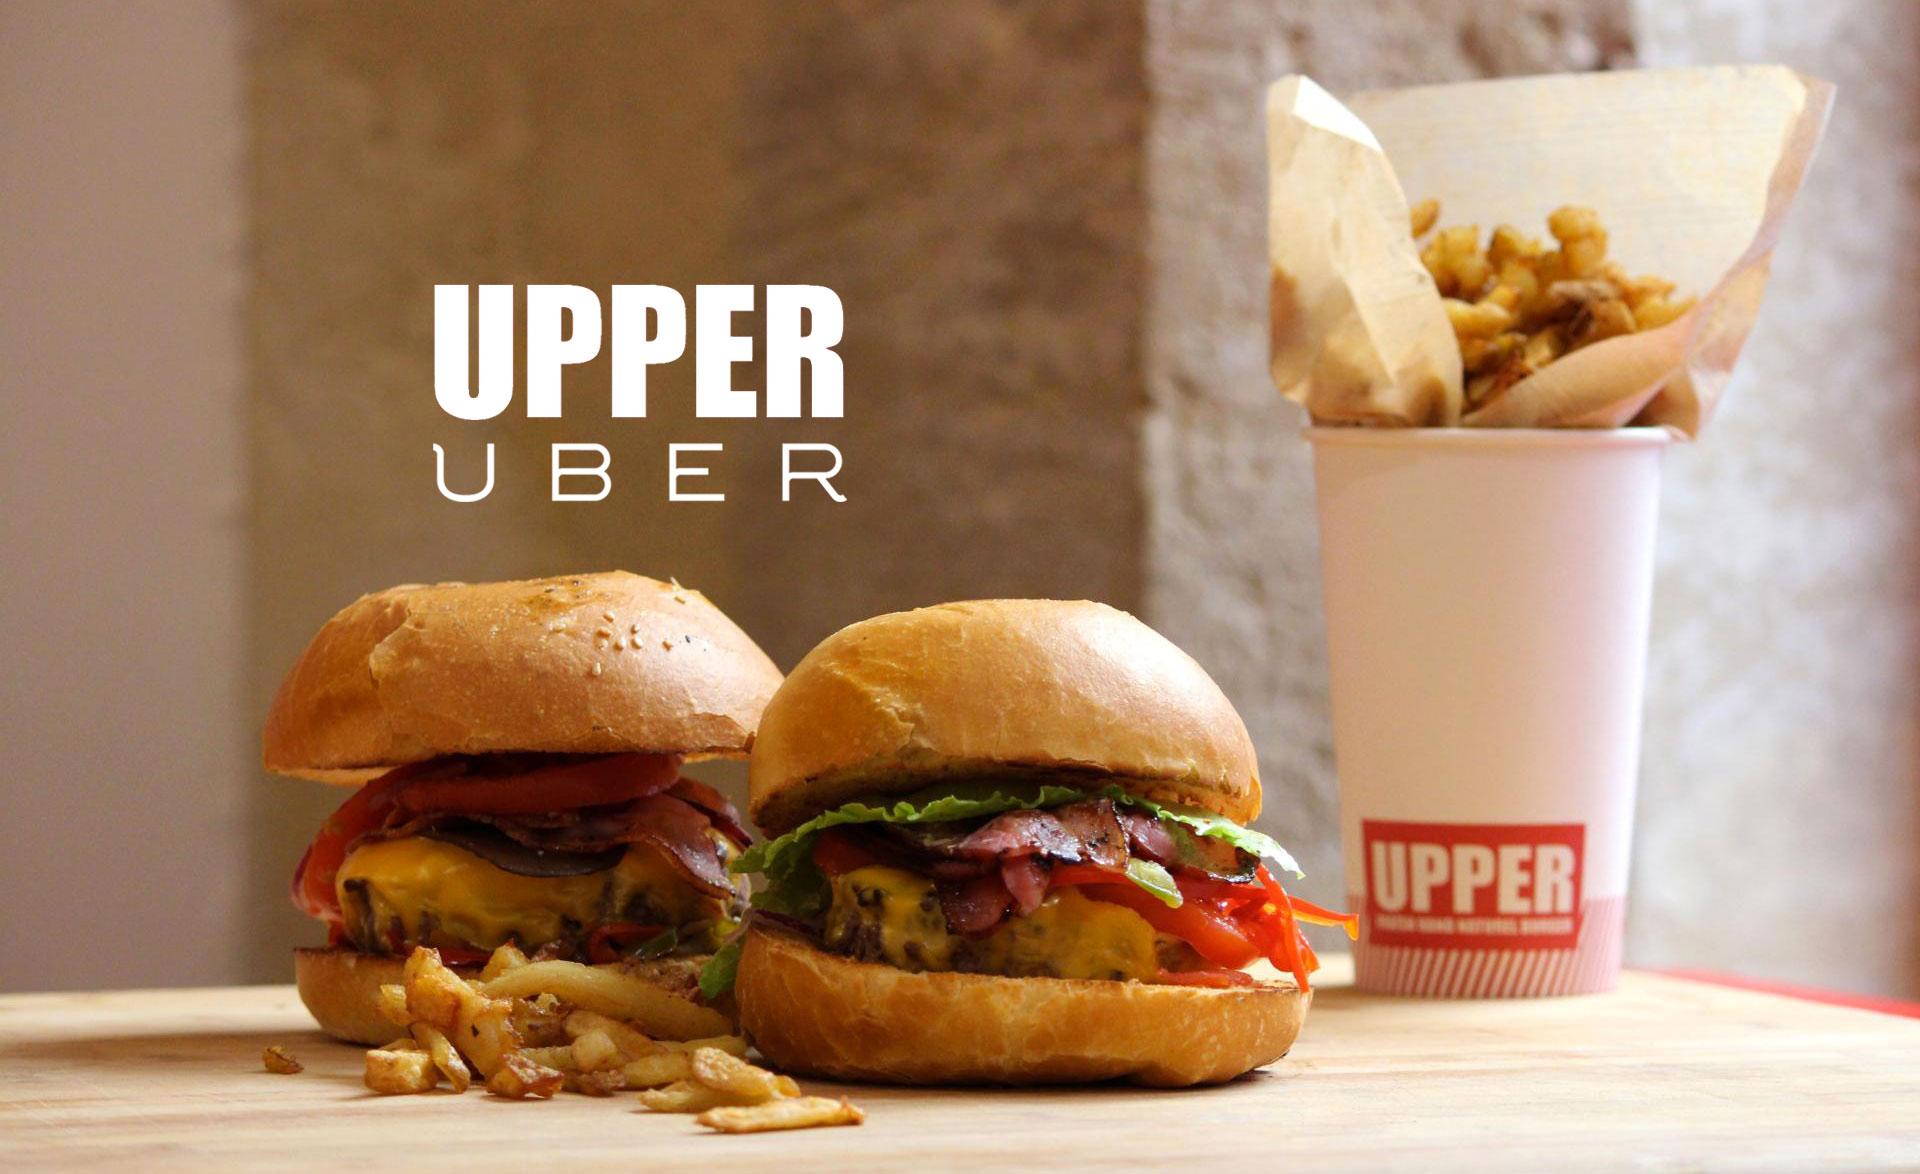 Uber s'est lancé dans la livraison de menu burgers à la minute avec l'enseigne Upper à Bordeaux